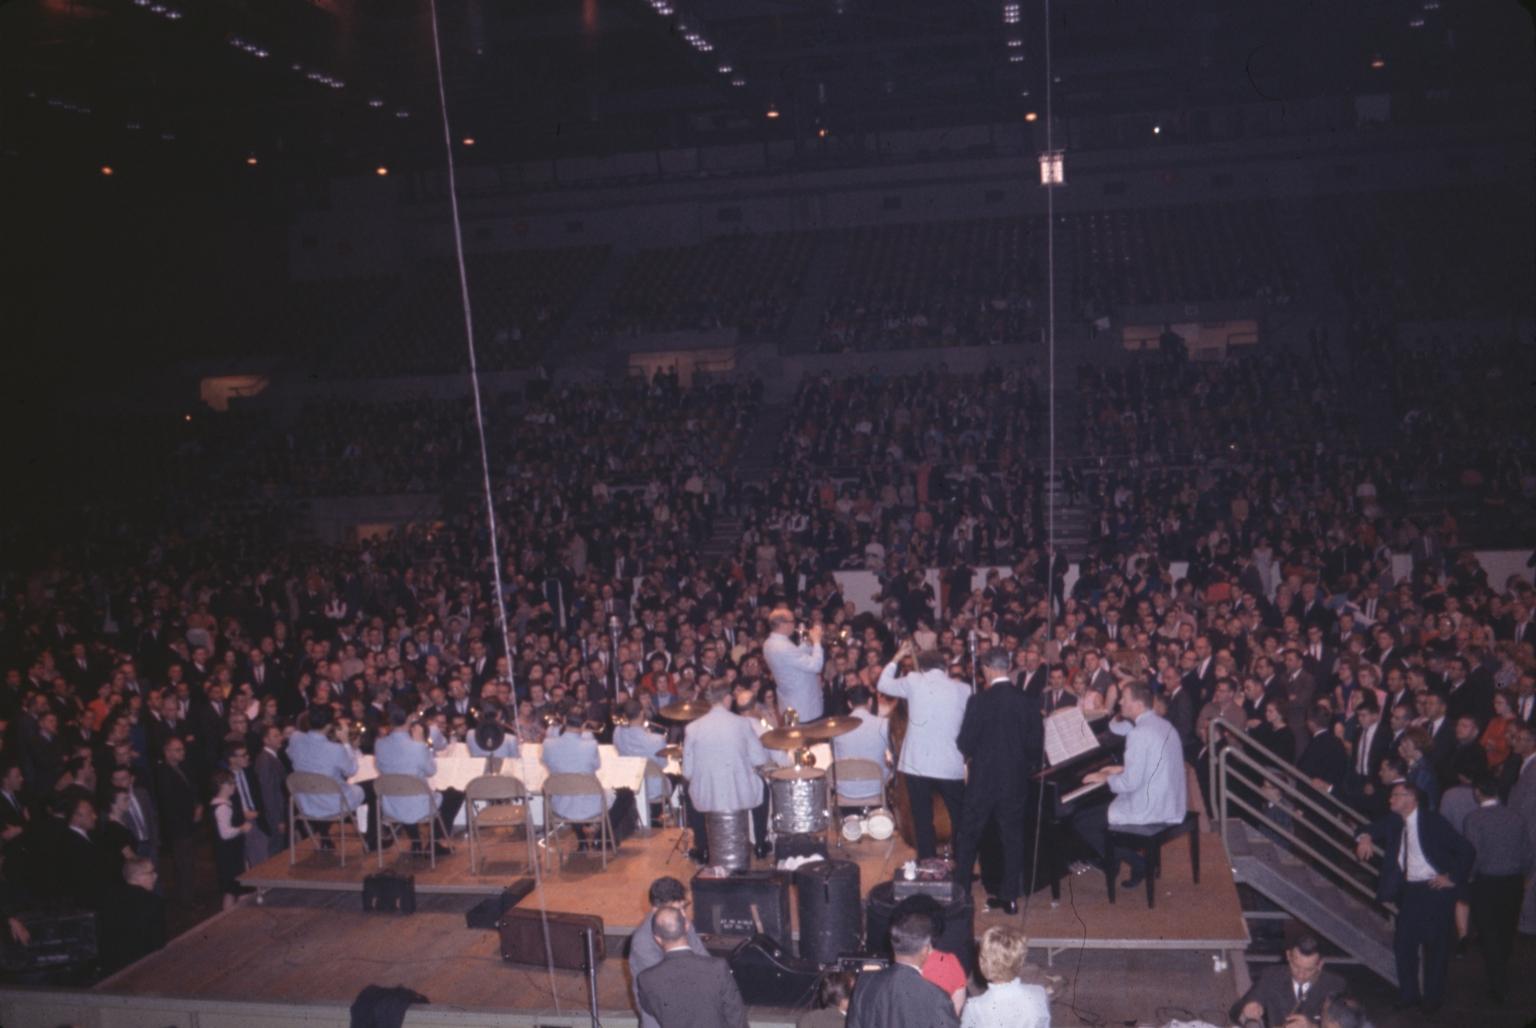 Concert at Rochester's War Memorial